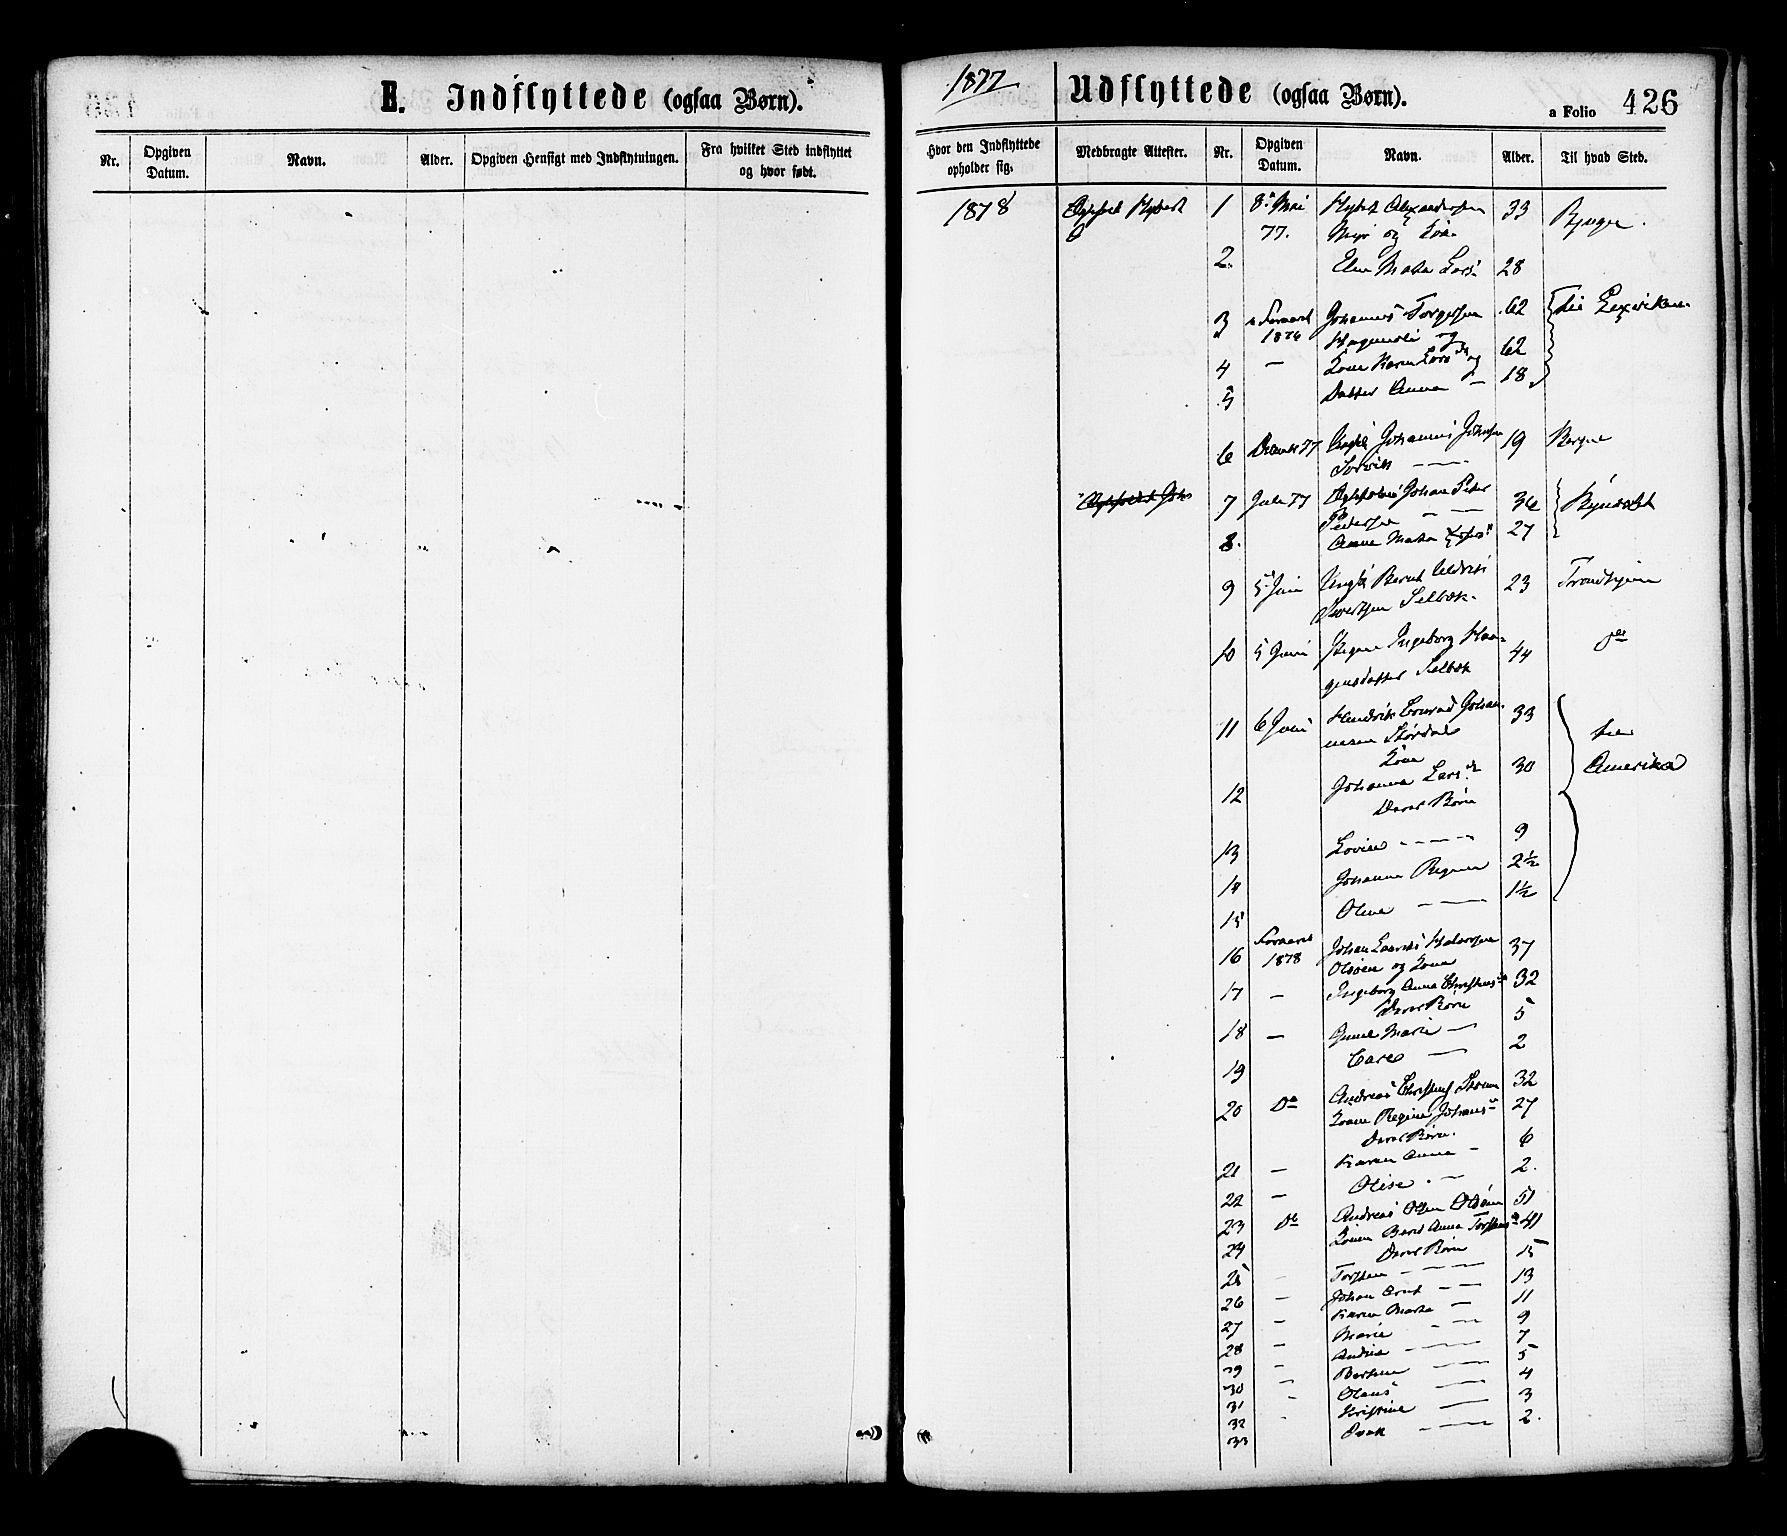 SAT, Ministerialprotokoller, klokkerbøker og fødselsregistre - Sør-Trøndelag, 646/L0613: Ministerialbok nr. 646A11, 1870-1884, s. 426